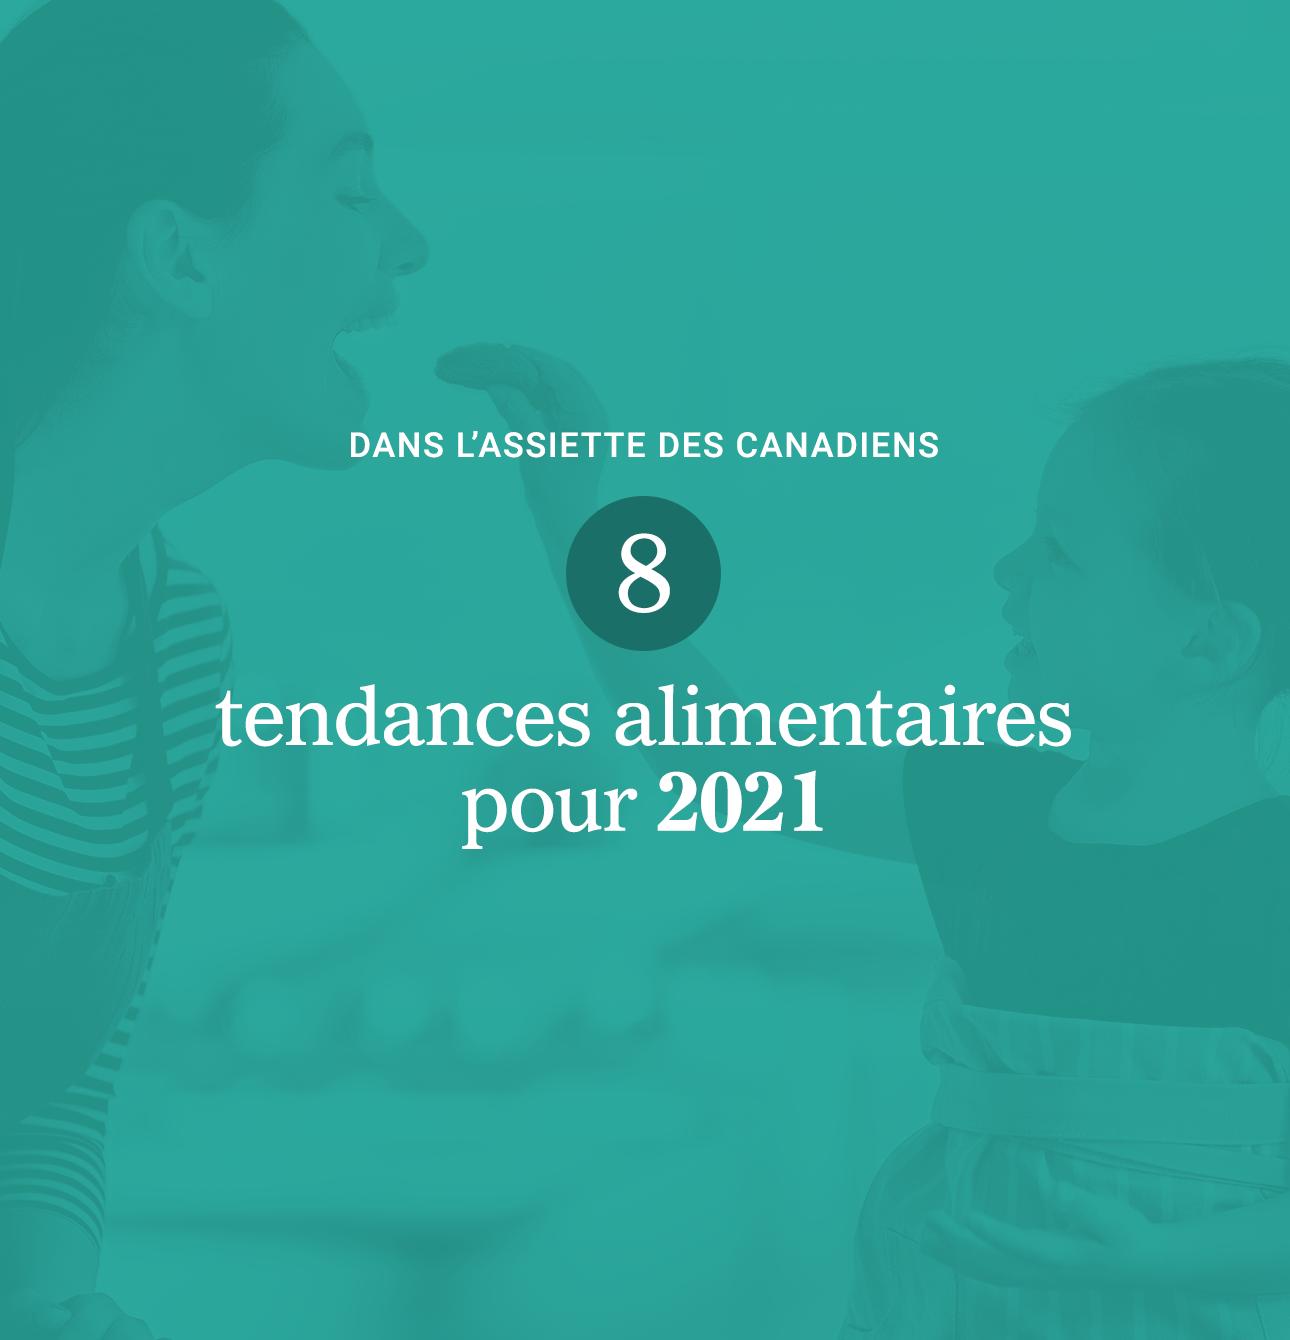 Couverture du livre blanc de Braque sur les tendances alimentaires 2021